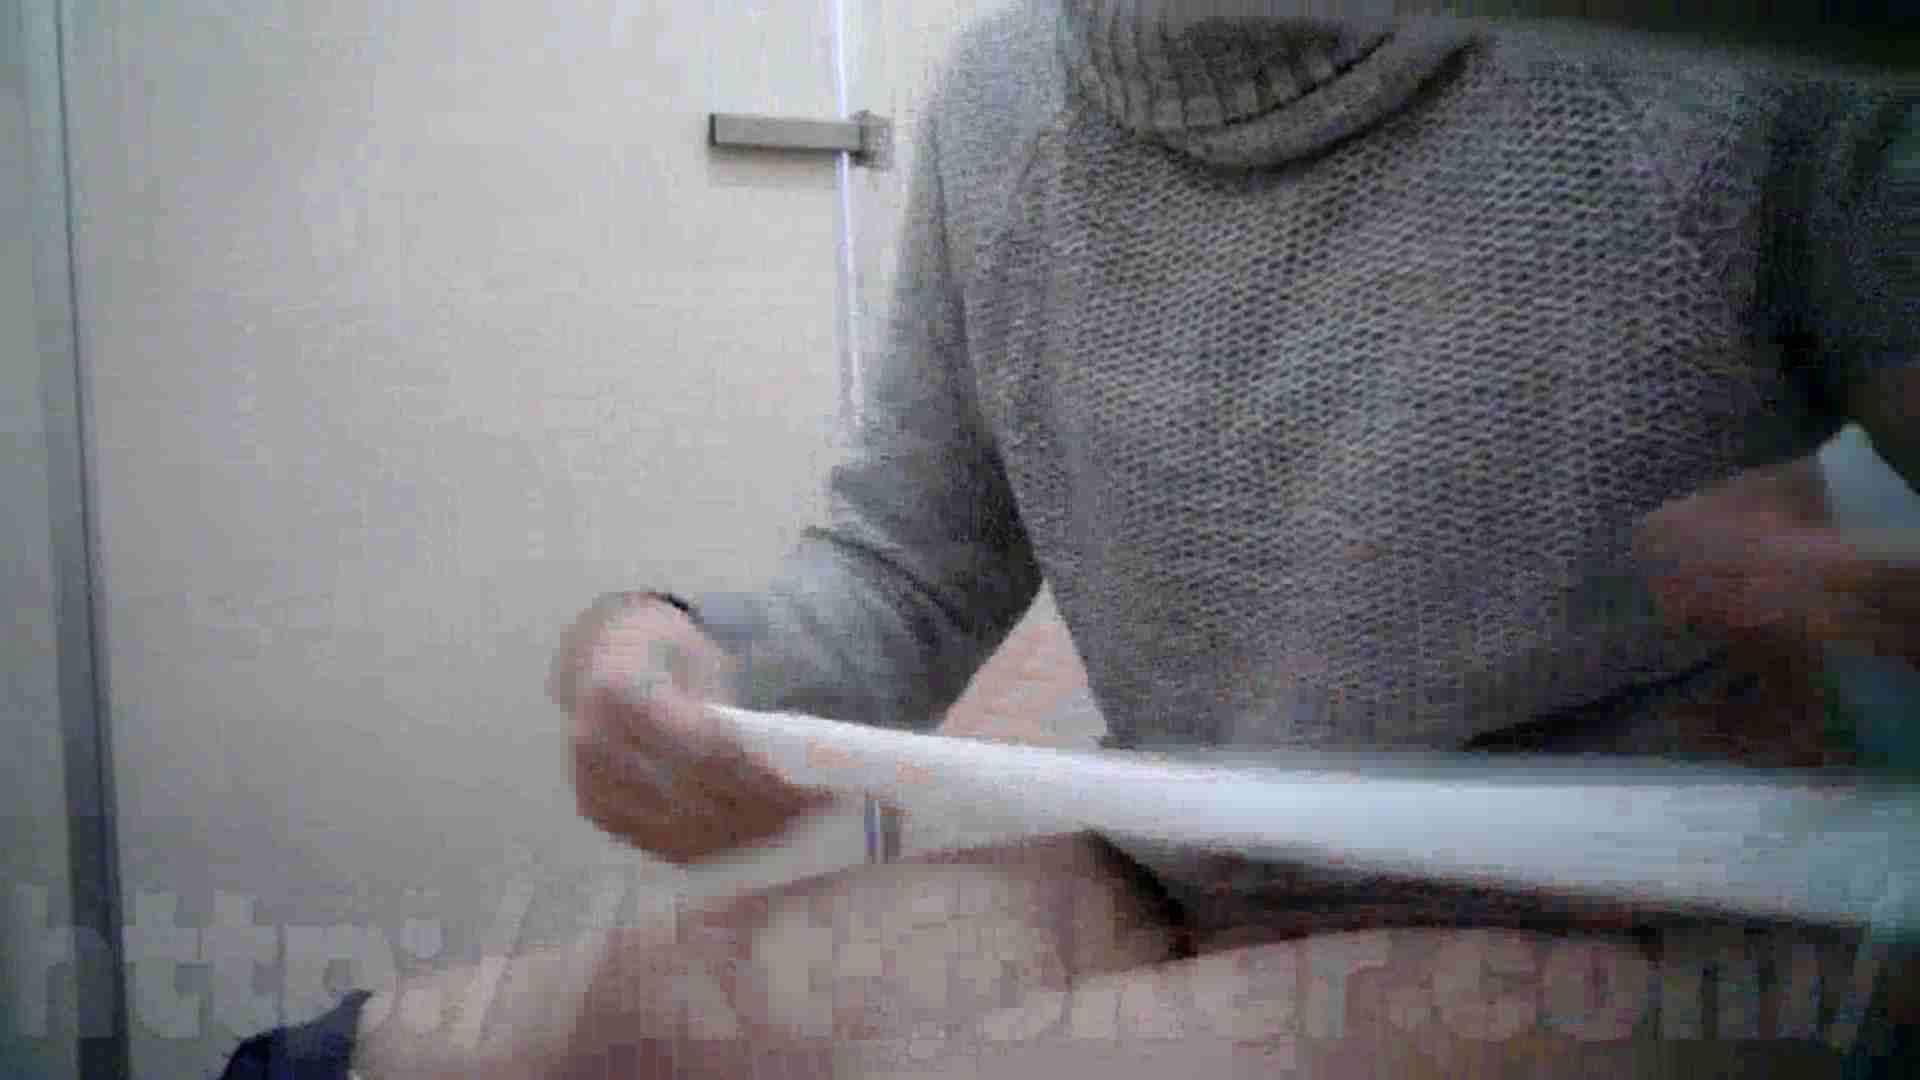 某有名大学女性洗面所 vol.25 OLセックス  91画像 22